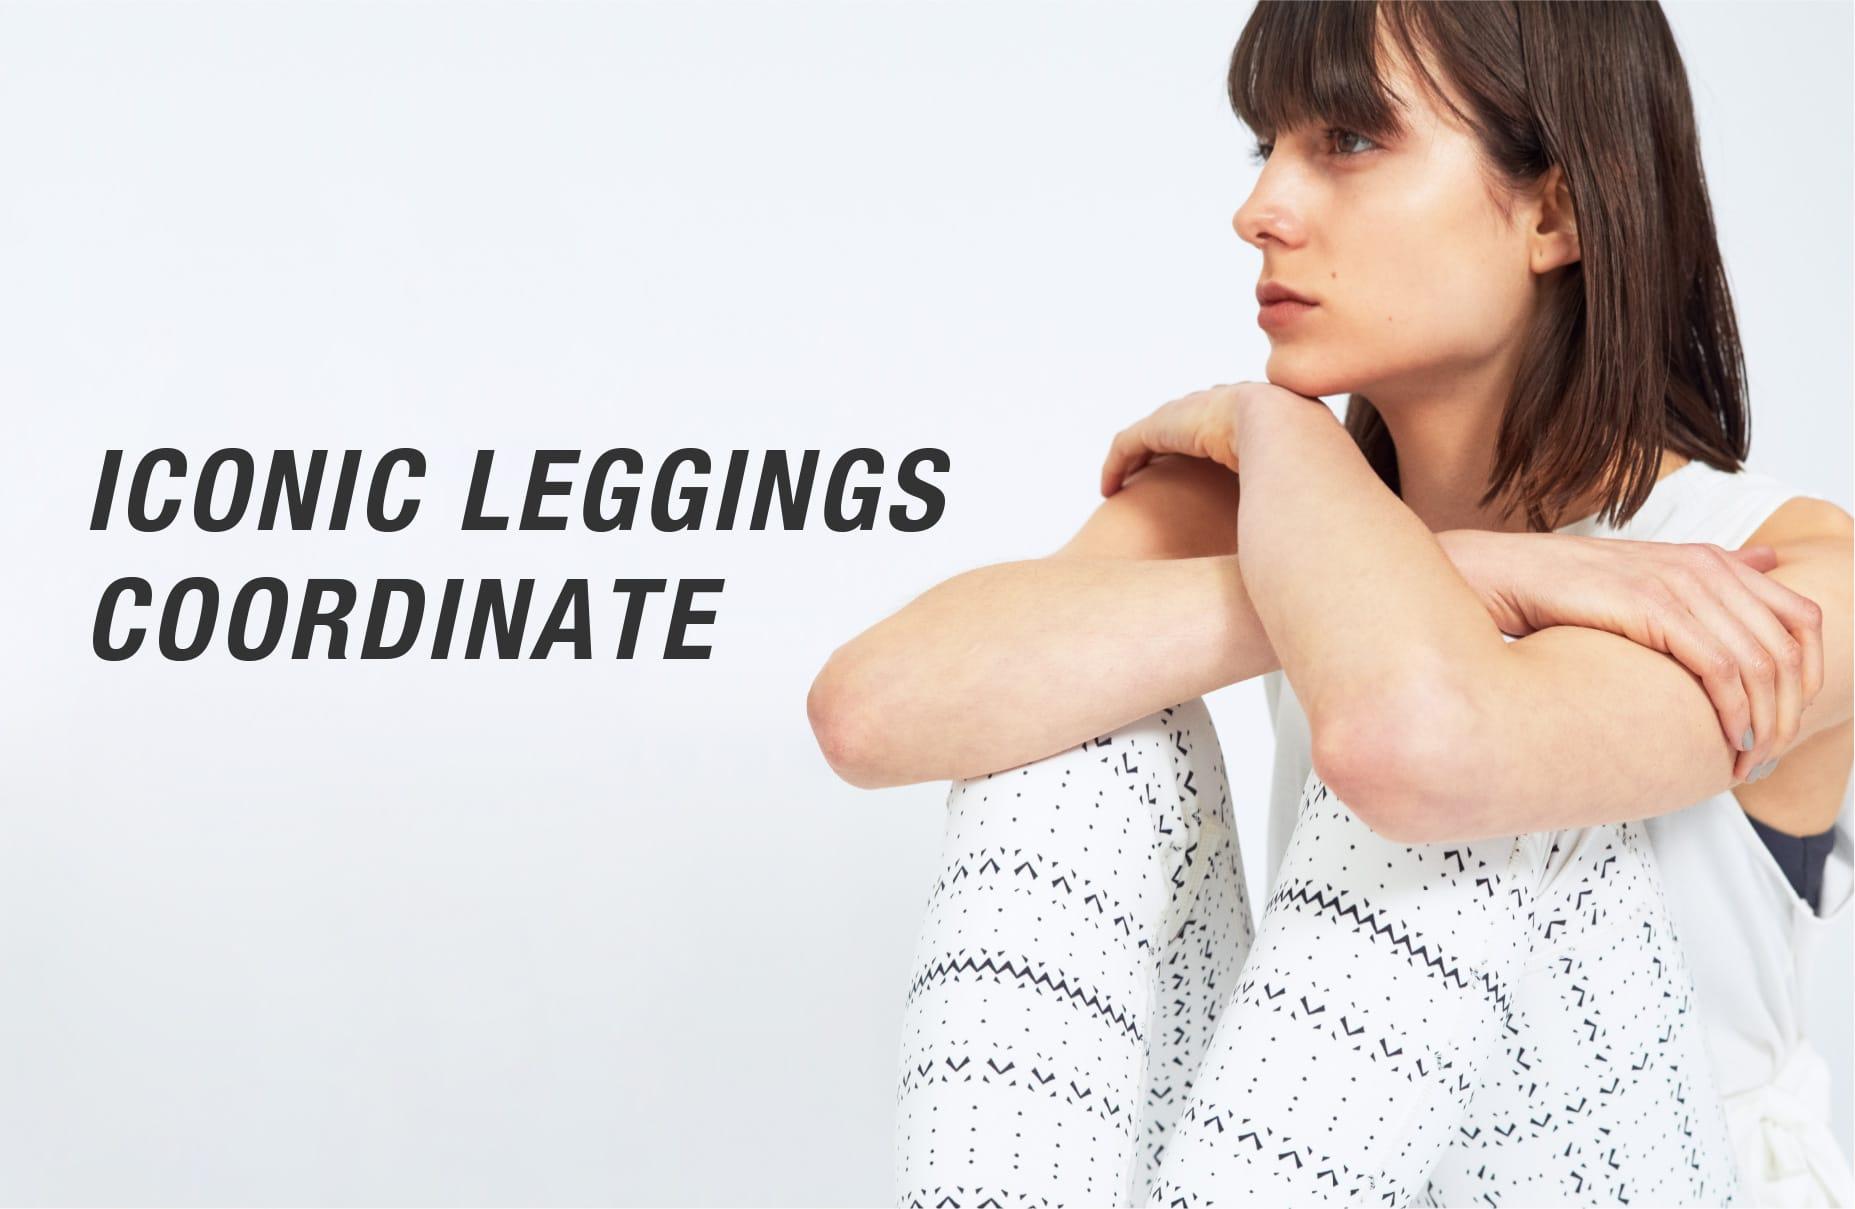 ICONIC LEGGINGS COORDINATE